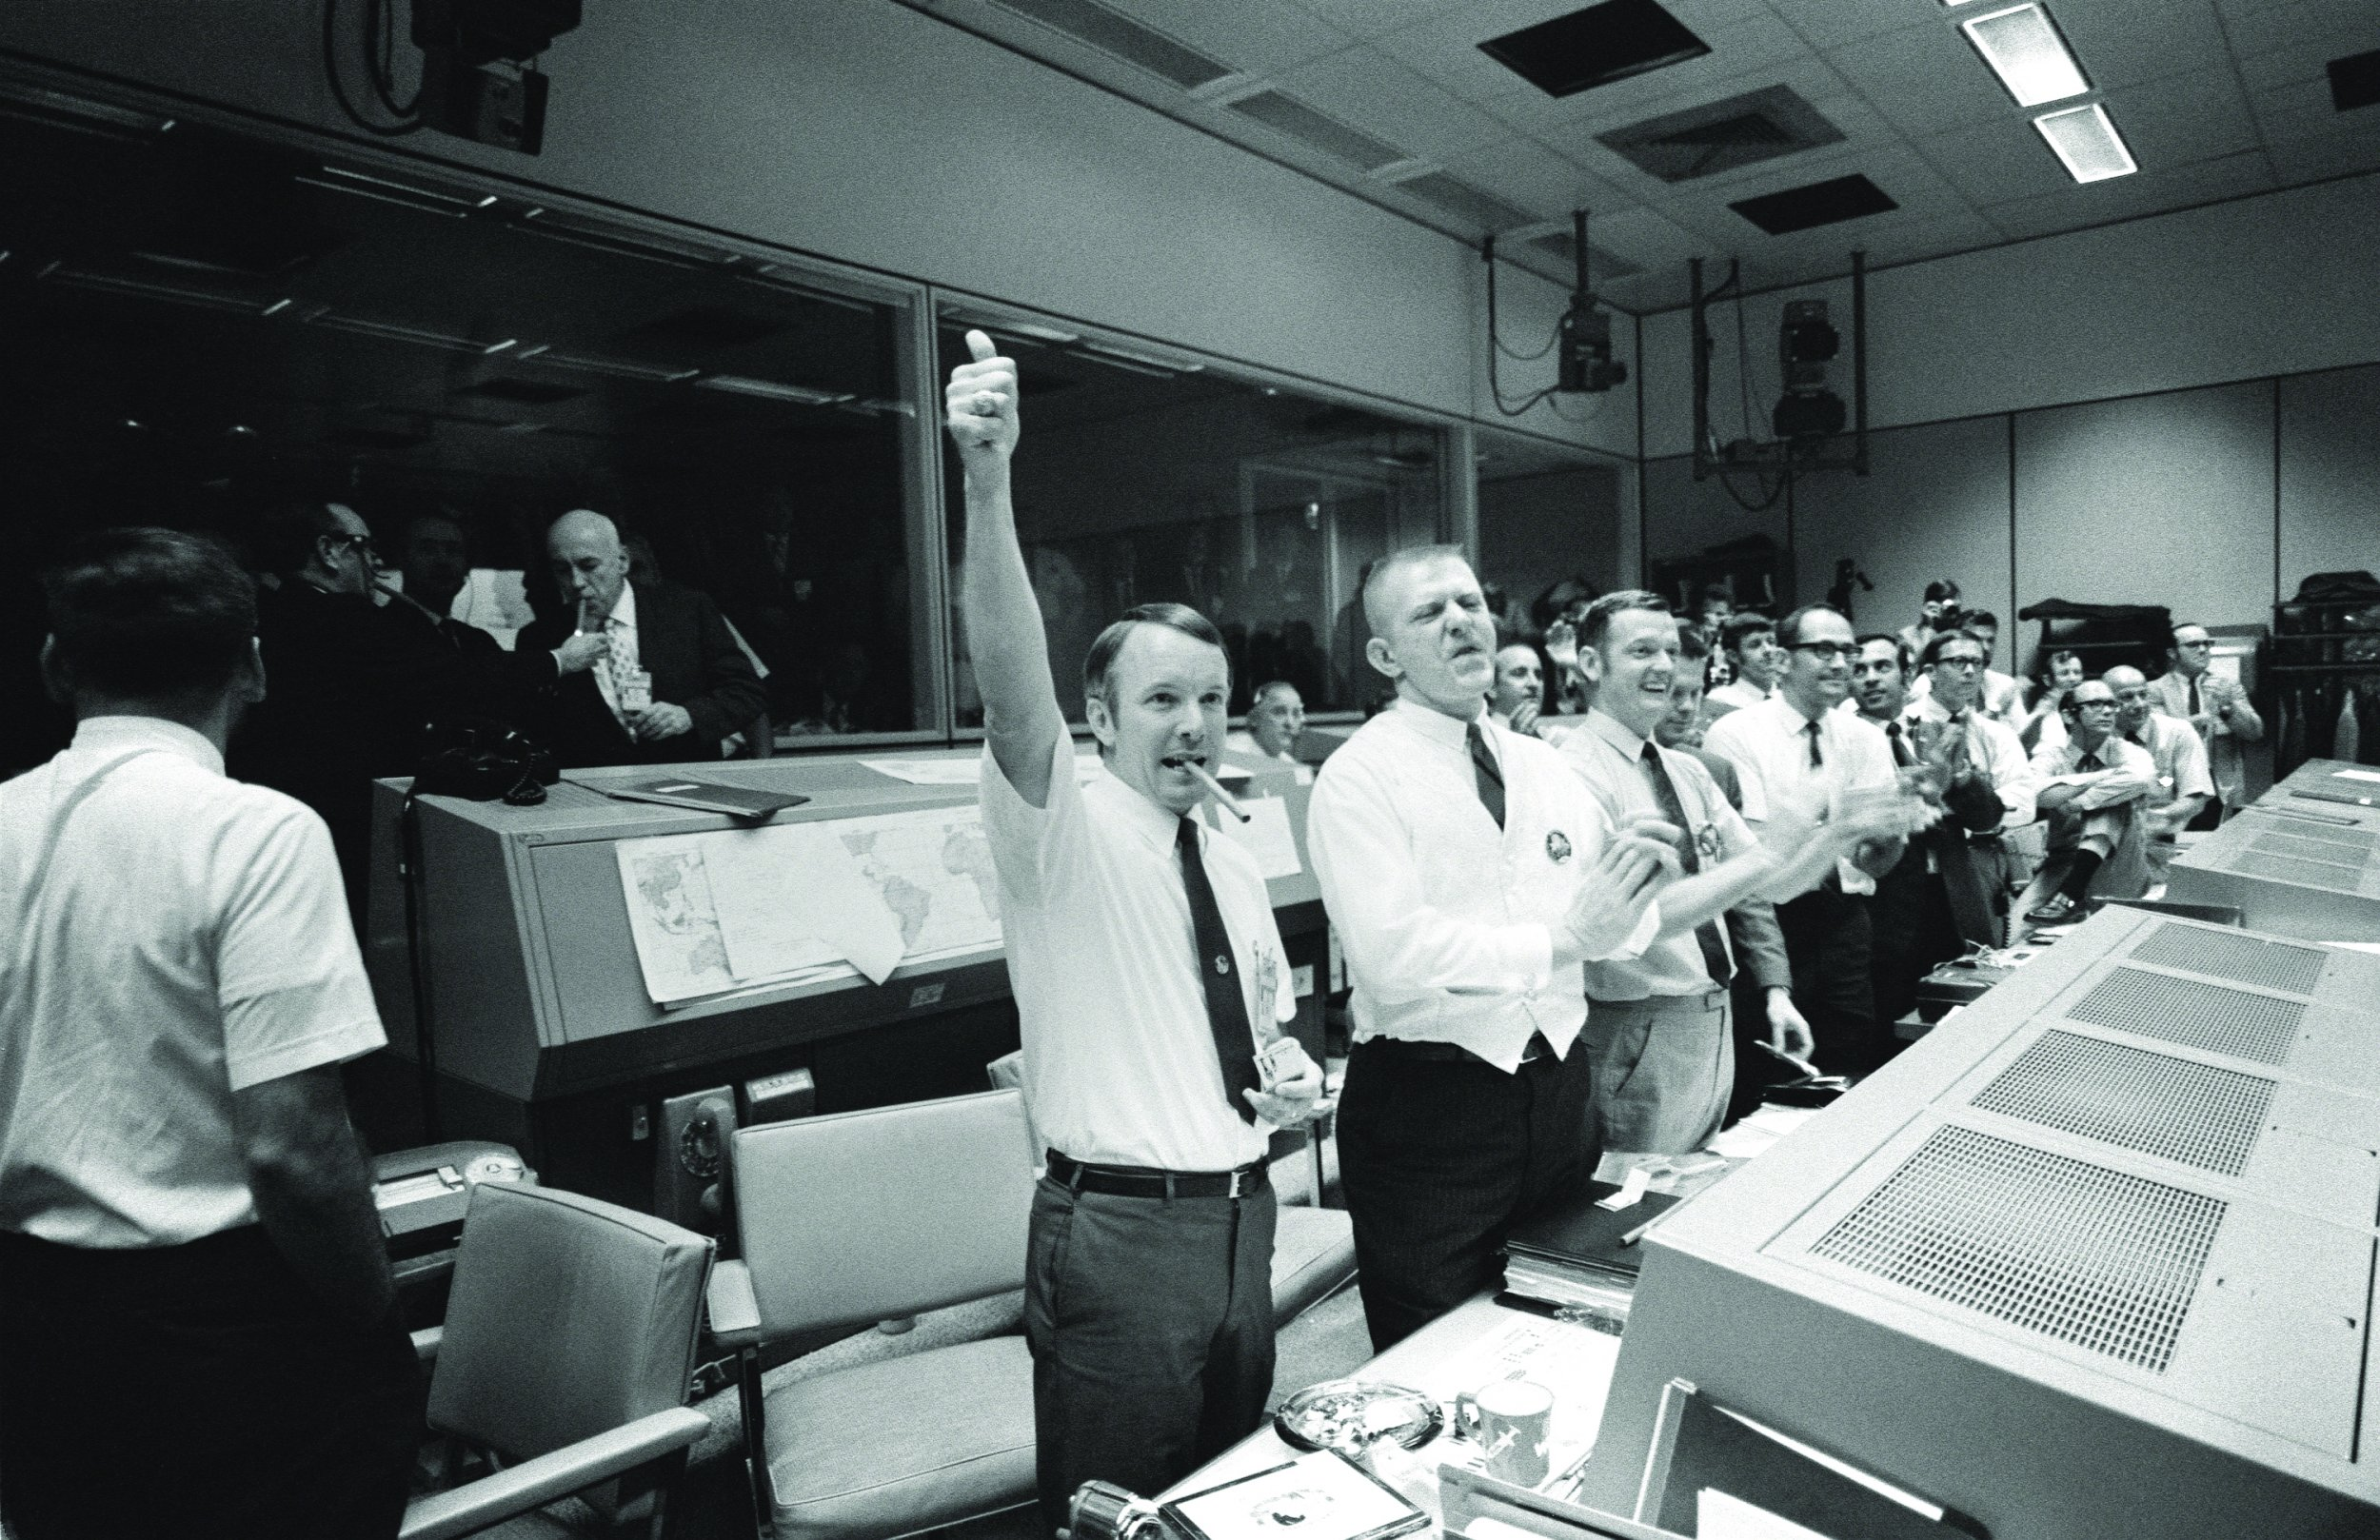 apollo 13 space missions - photo #22